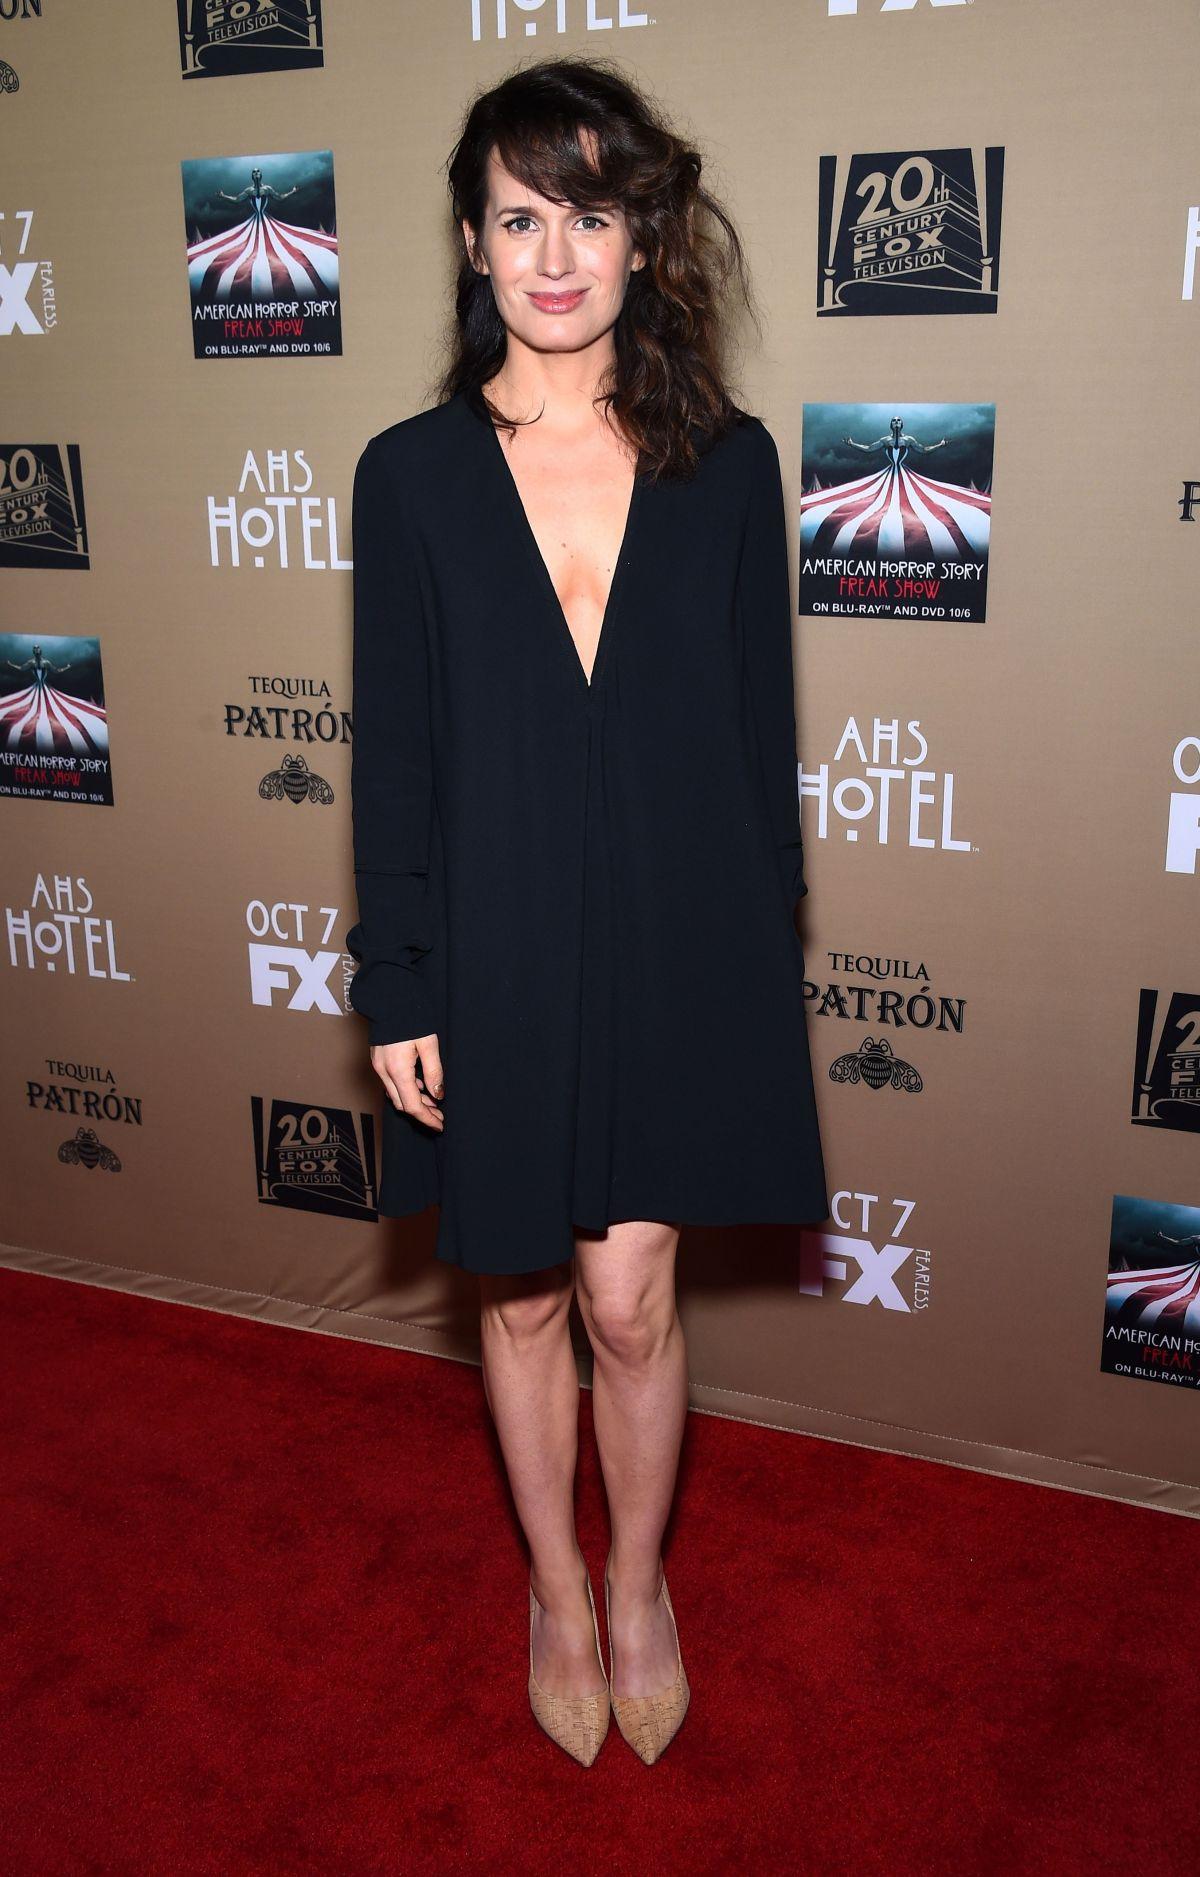 ELIZABETH REASER at American Horror Story: Hotel Screening in Los Angeles 10/03/2015